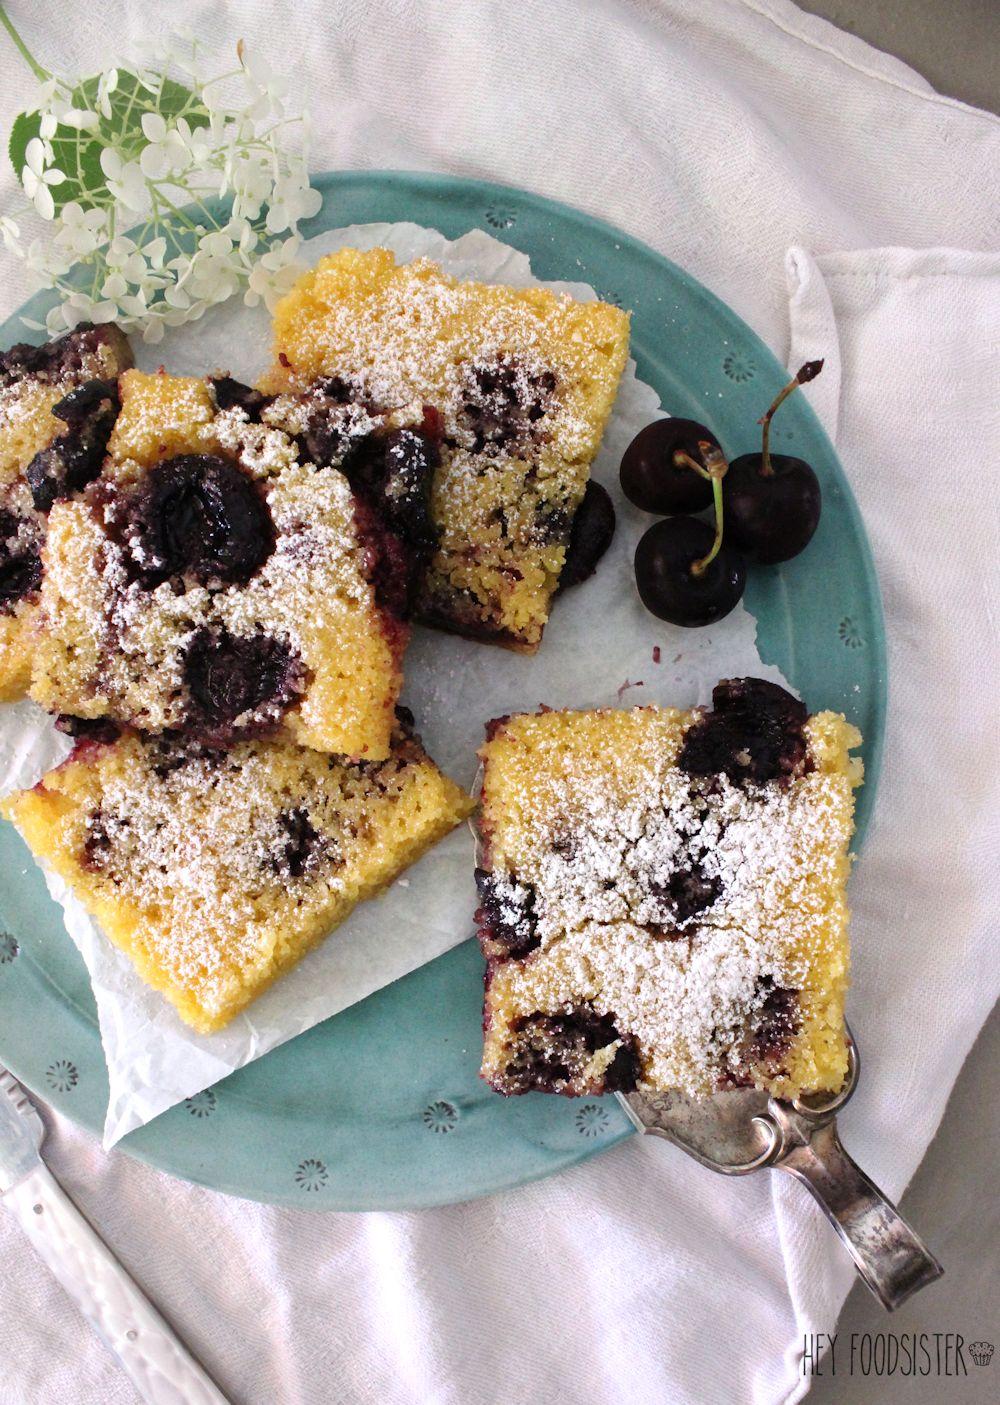 Rezept für einen Polenta Kirsch Kuchen Hey Foodsister